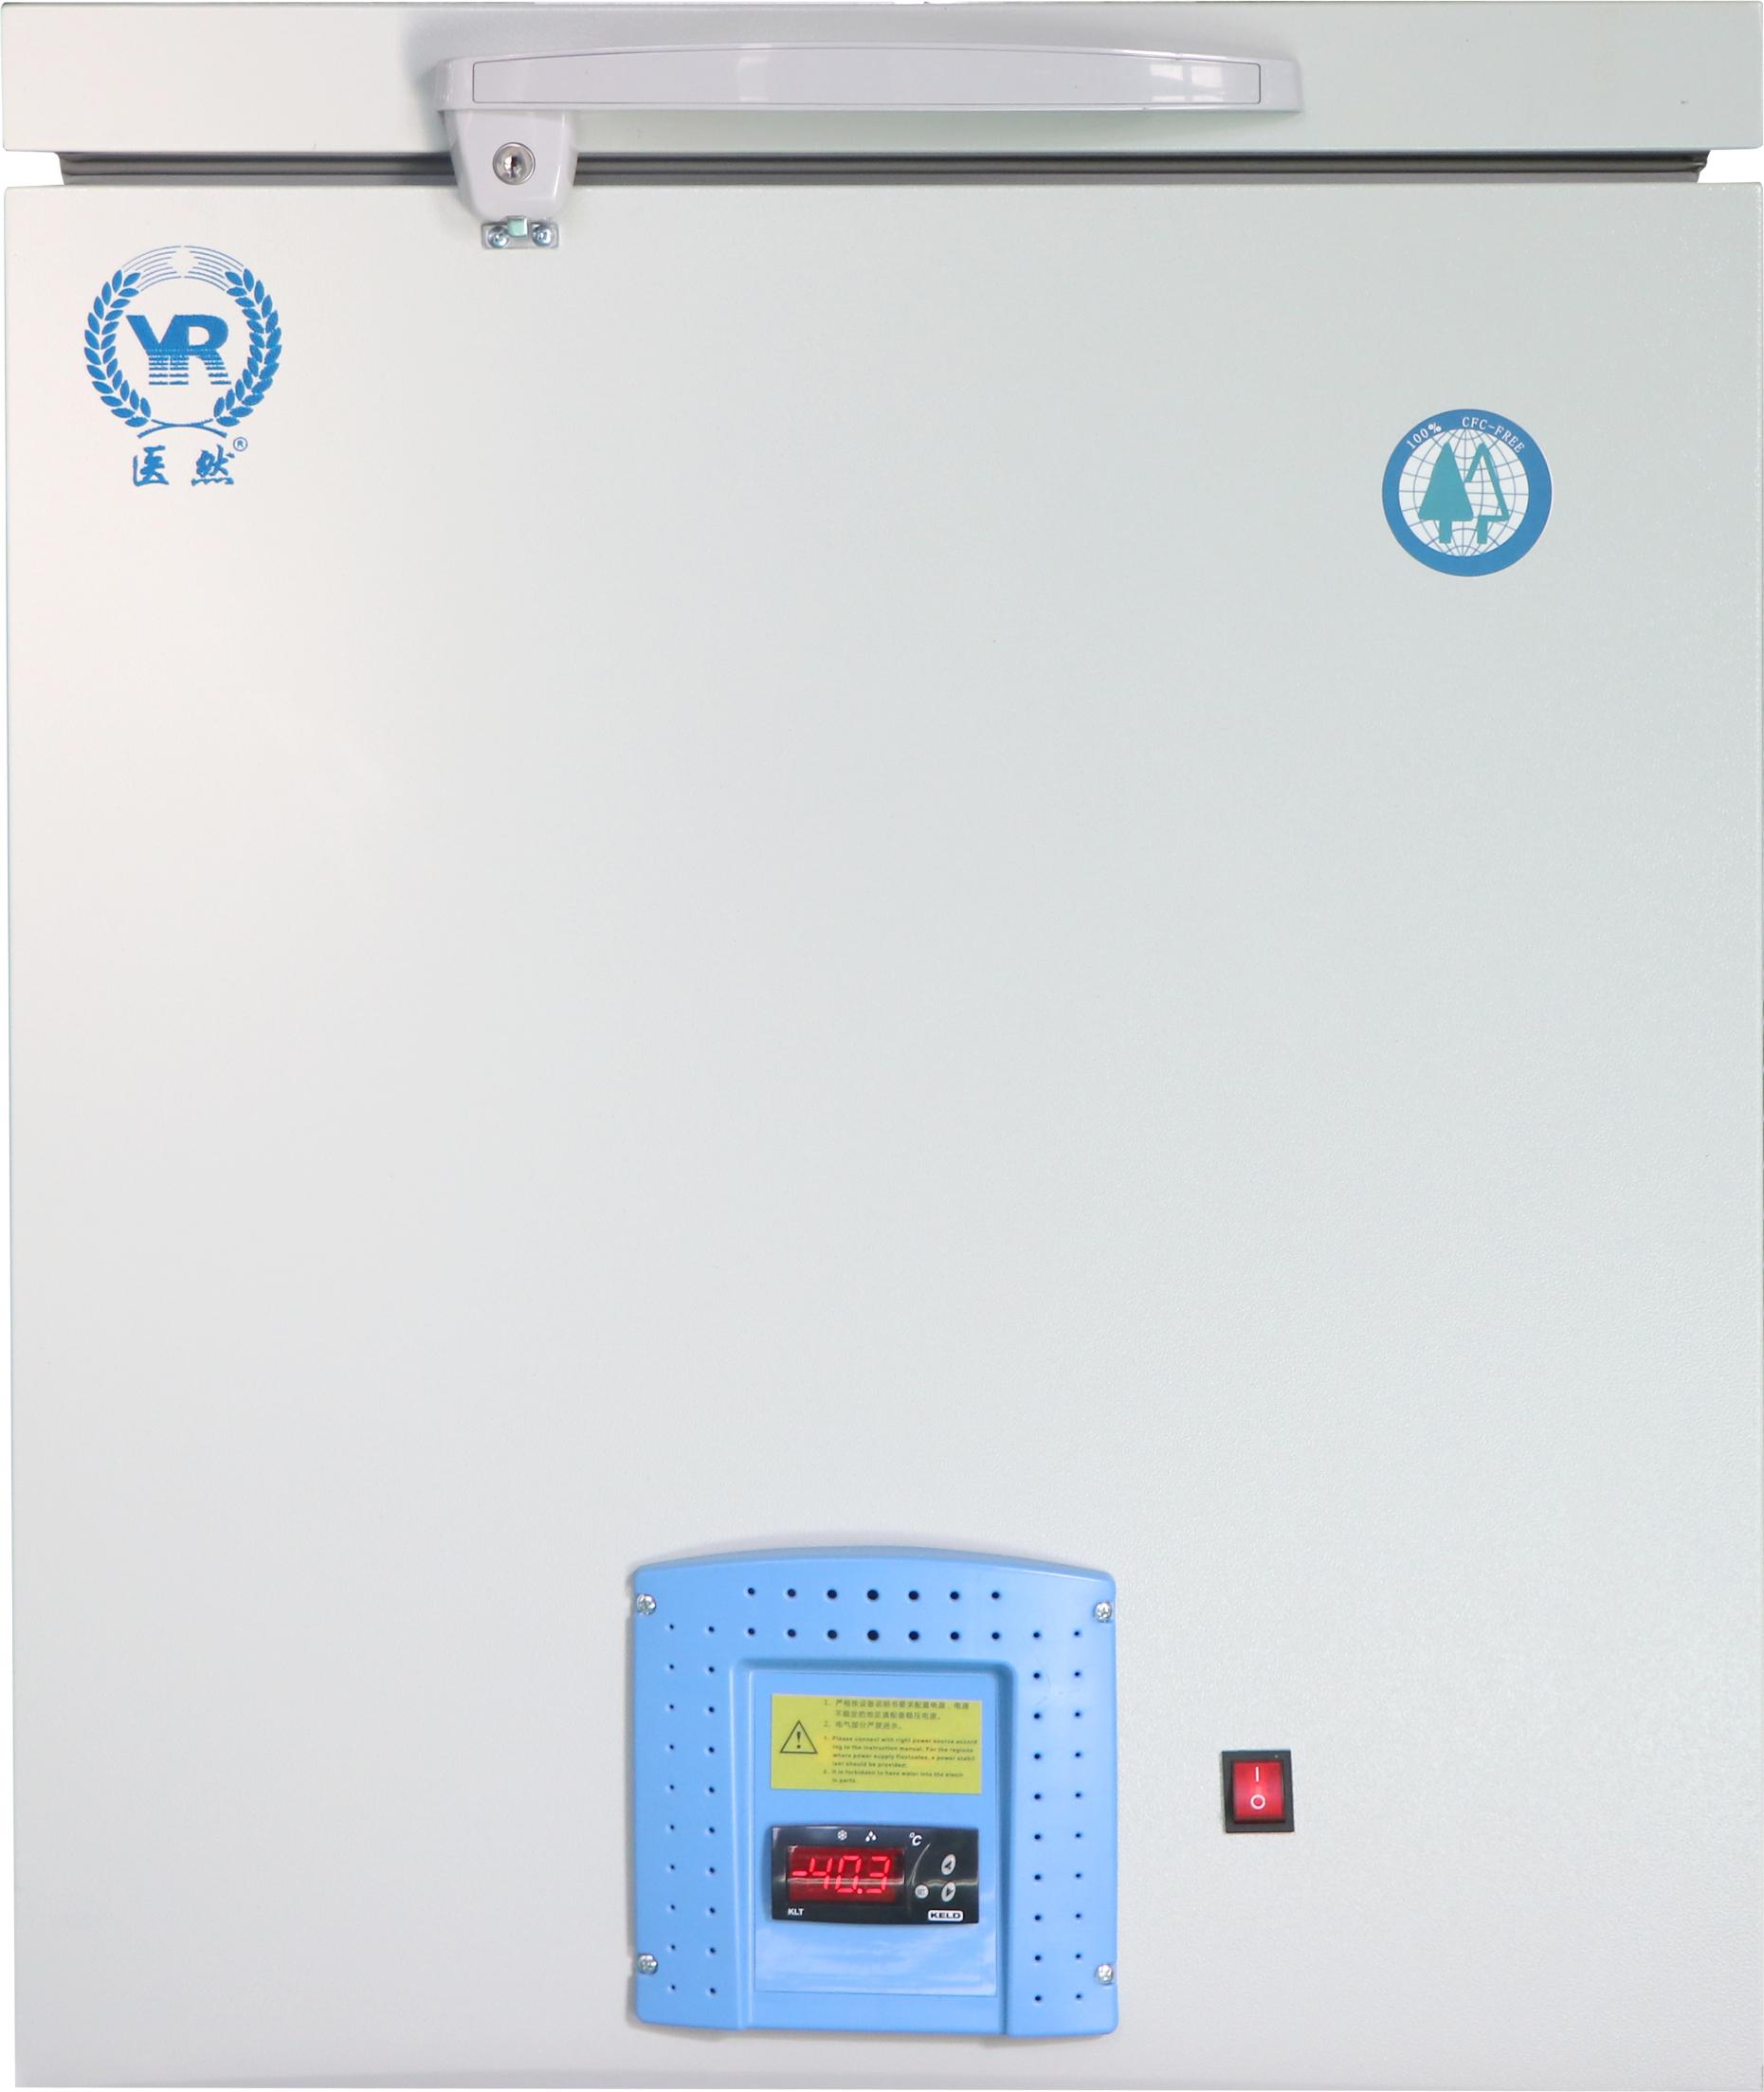 医然-105/-135℃超低温冷柜 卧式超低温冰箱  医用低温冷冻柜